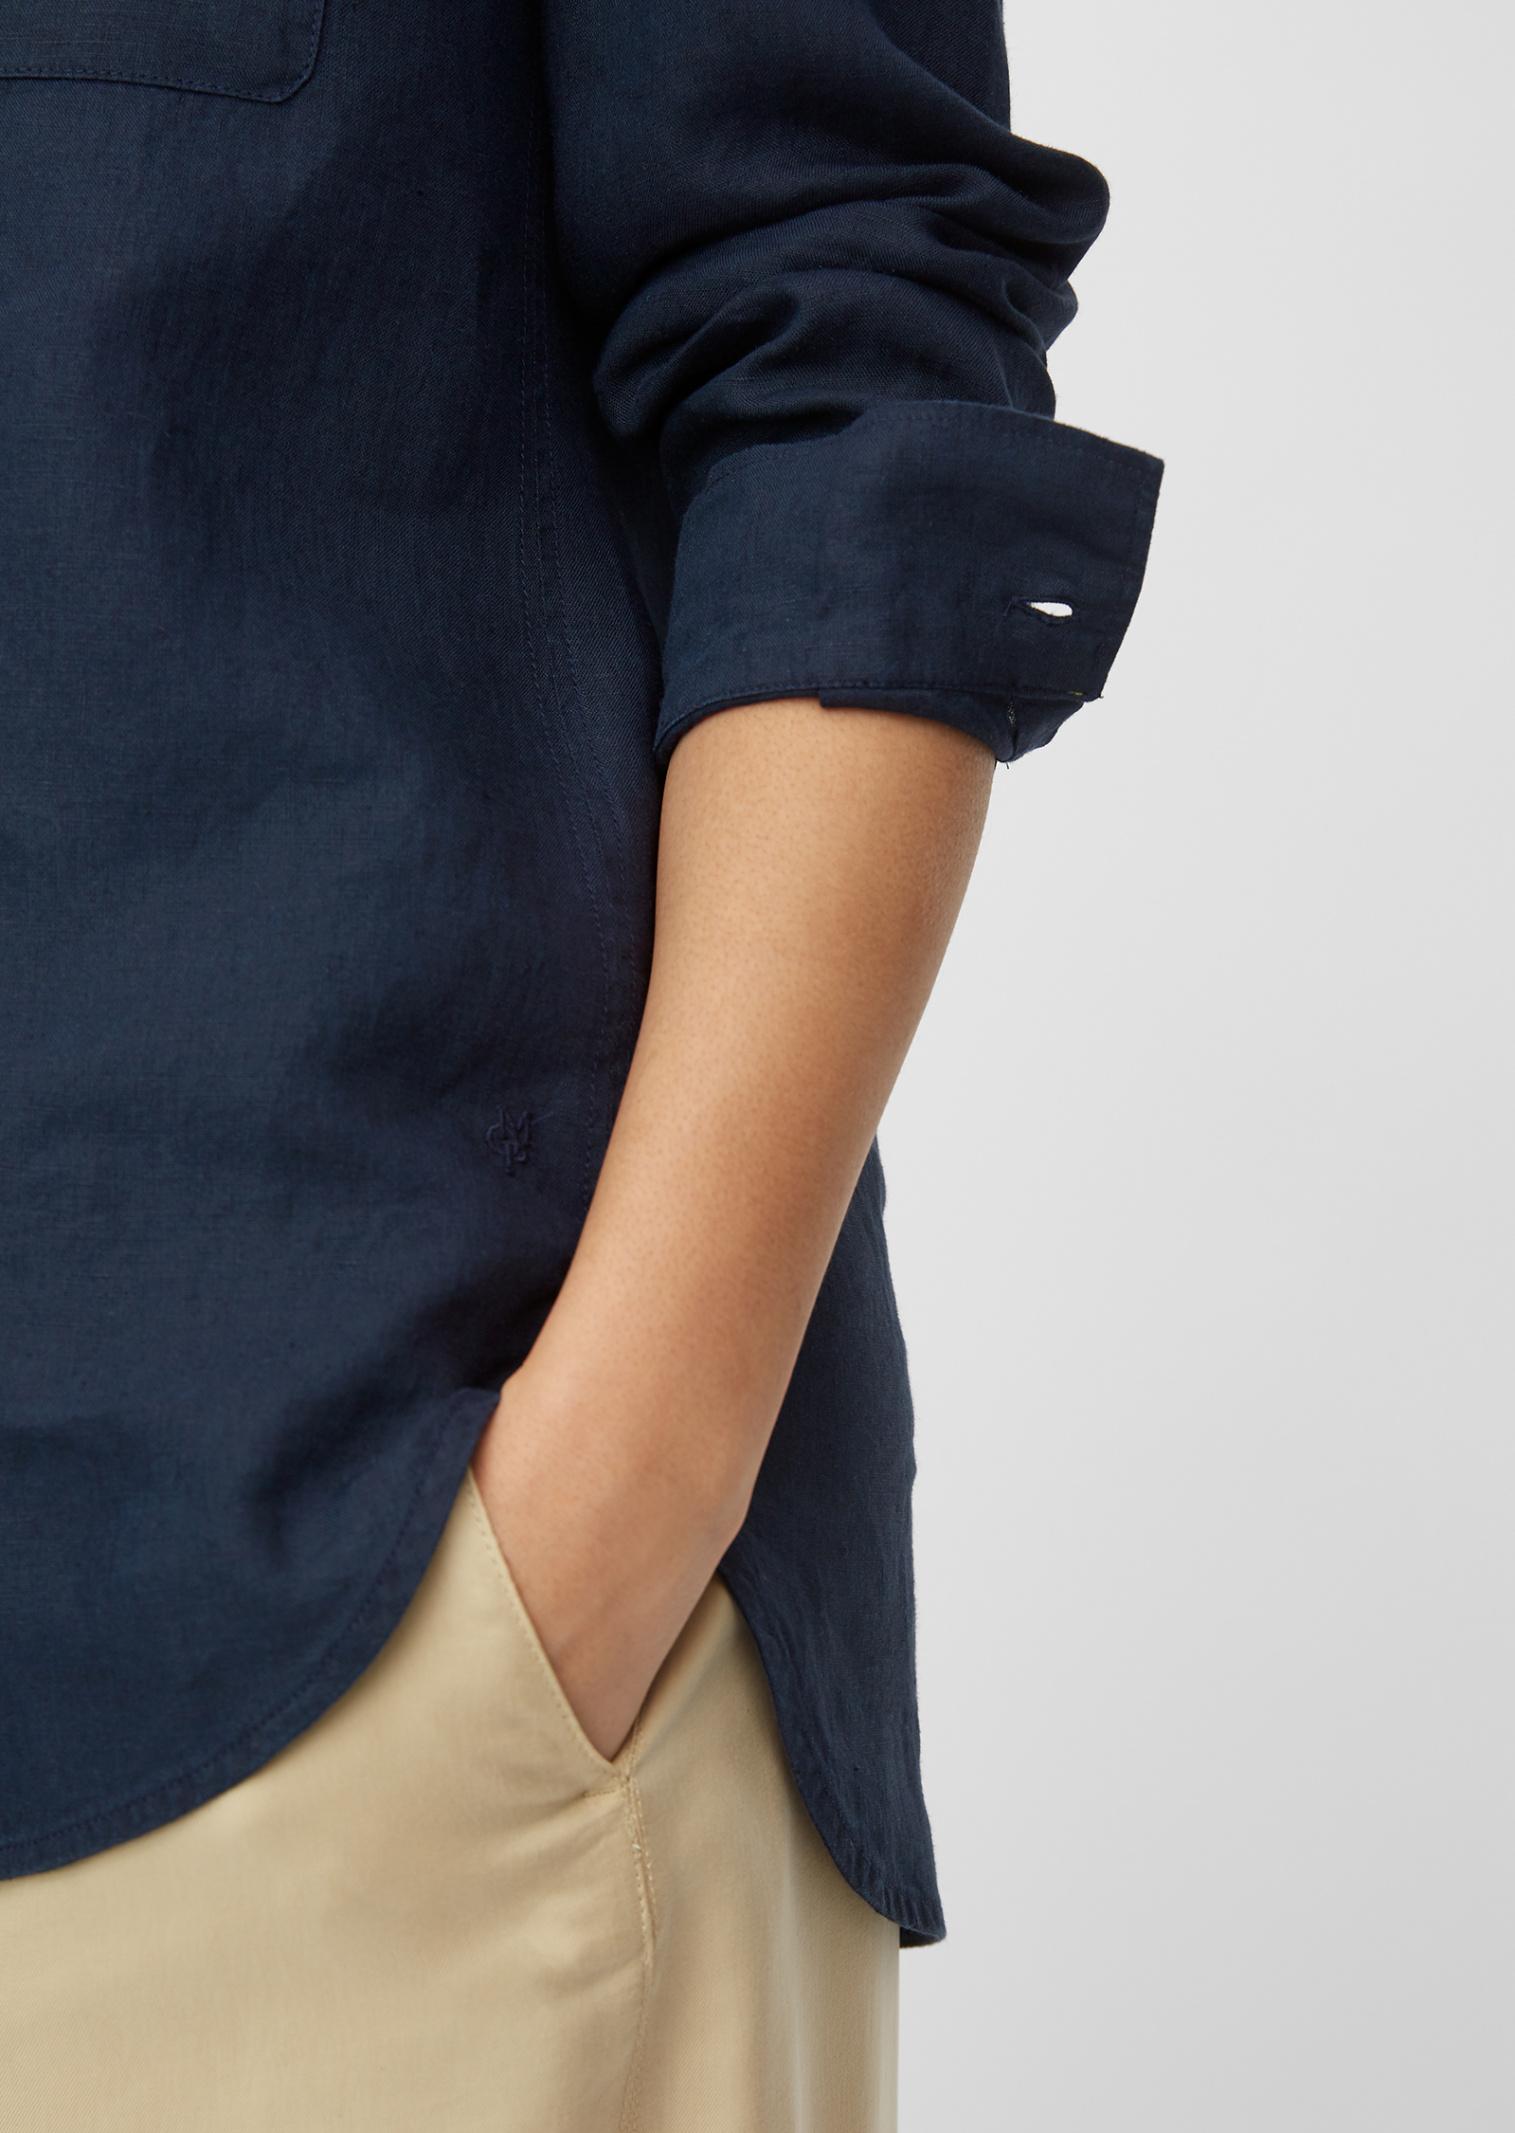 Marc O'Polo Блуза жіночі модель 003130542471-881 придбати, 2017